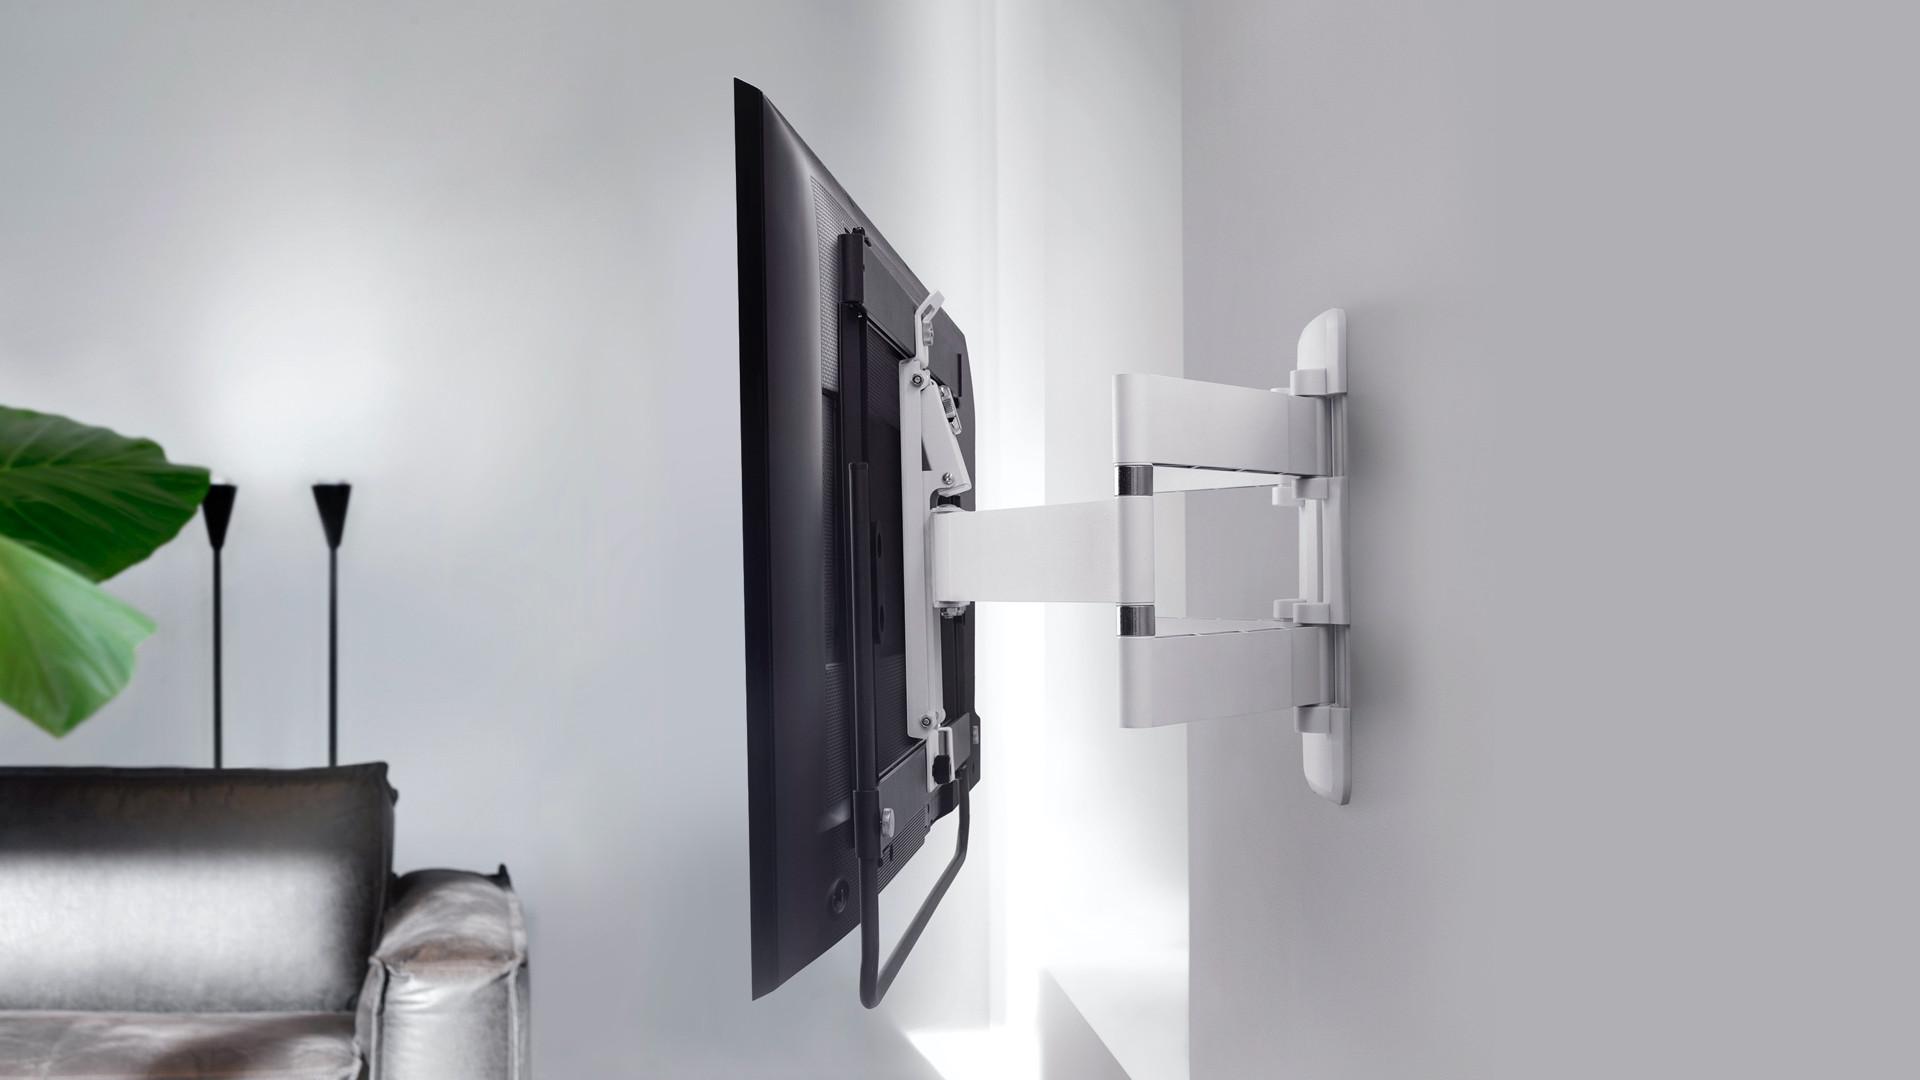 Монтаж телевизора на стену: выбор кронштейна и высота установки